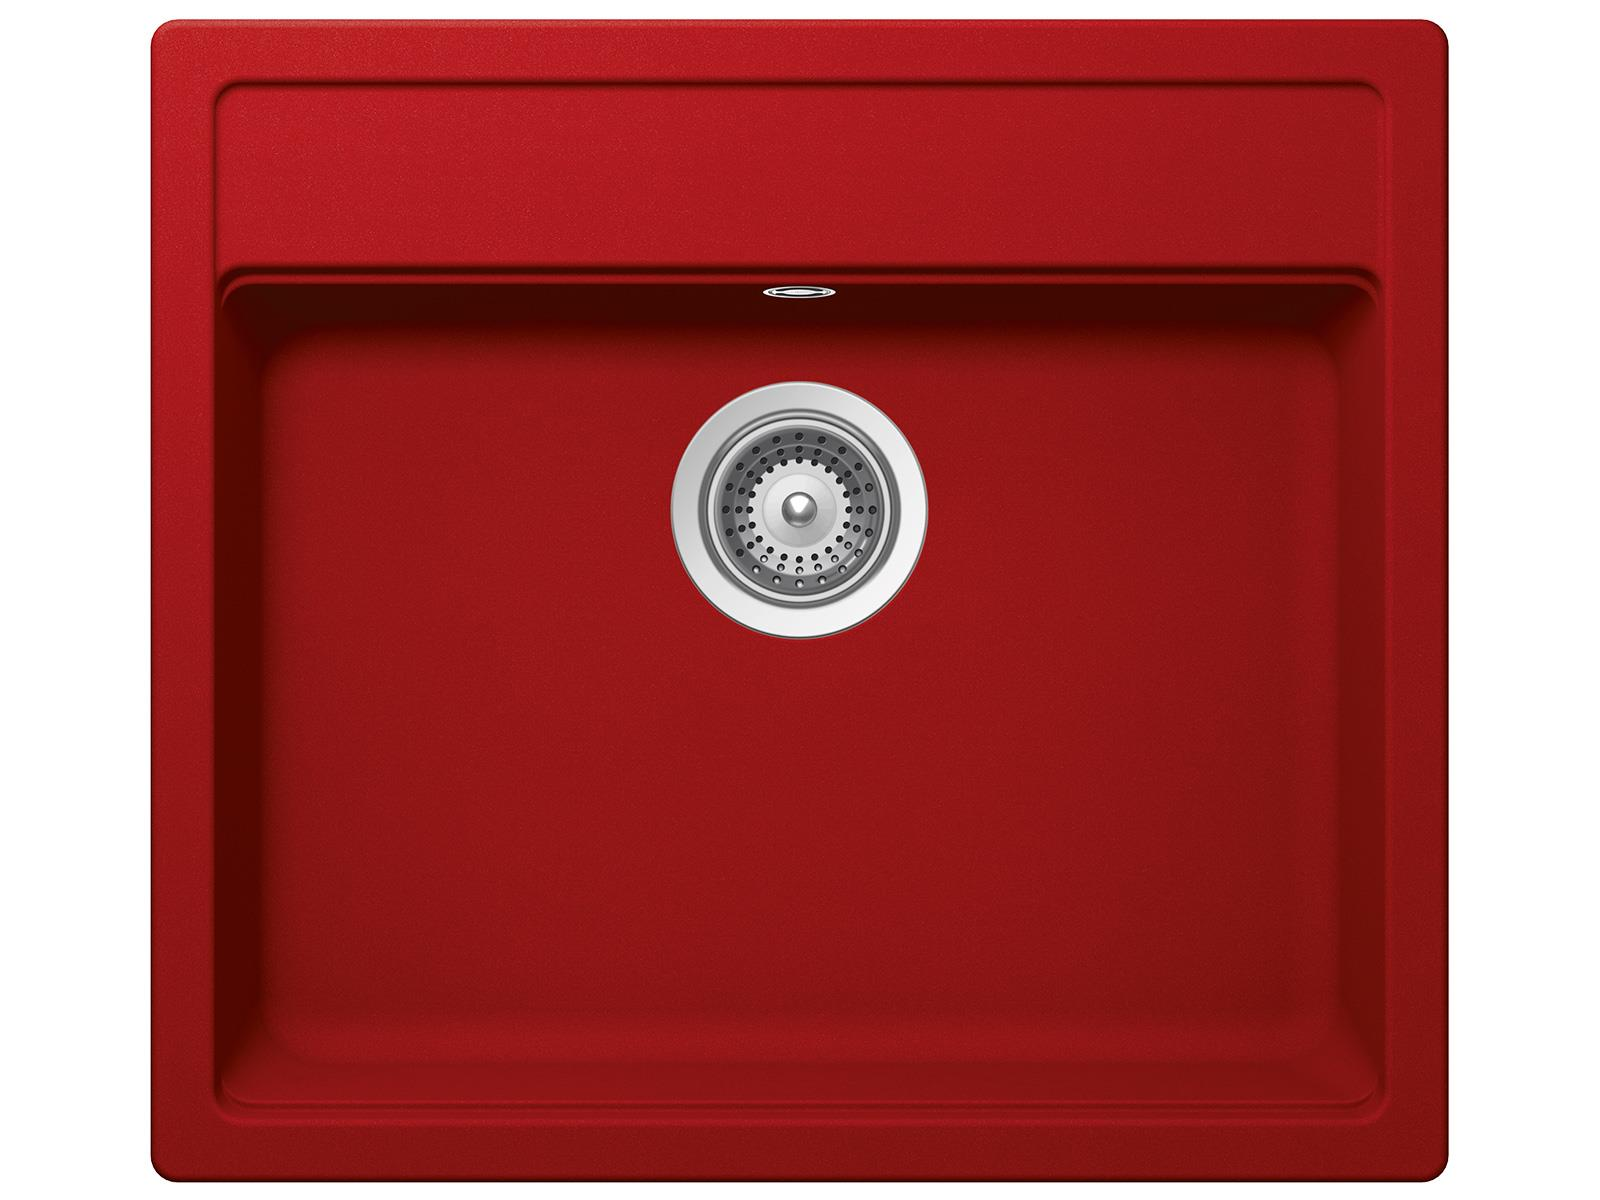 Schock Mono N-100 A Rouge - MONN100AROU Granitspüle